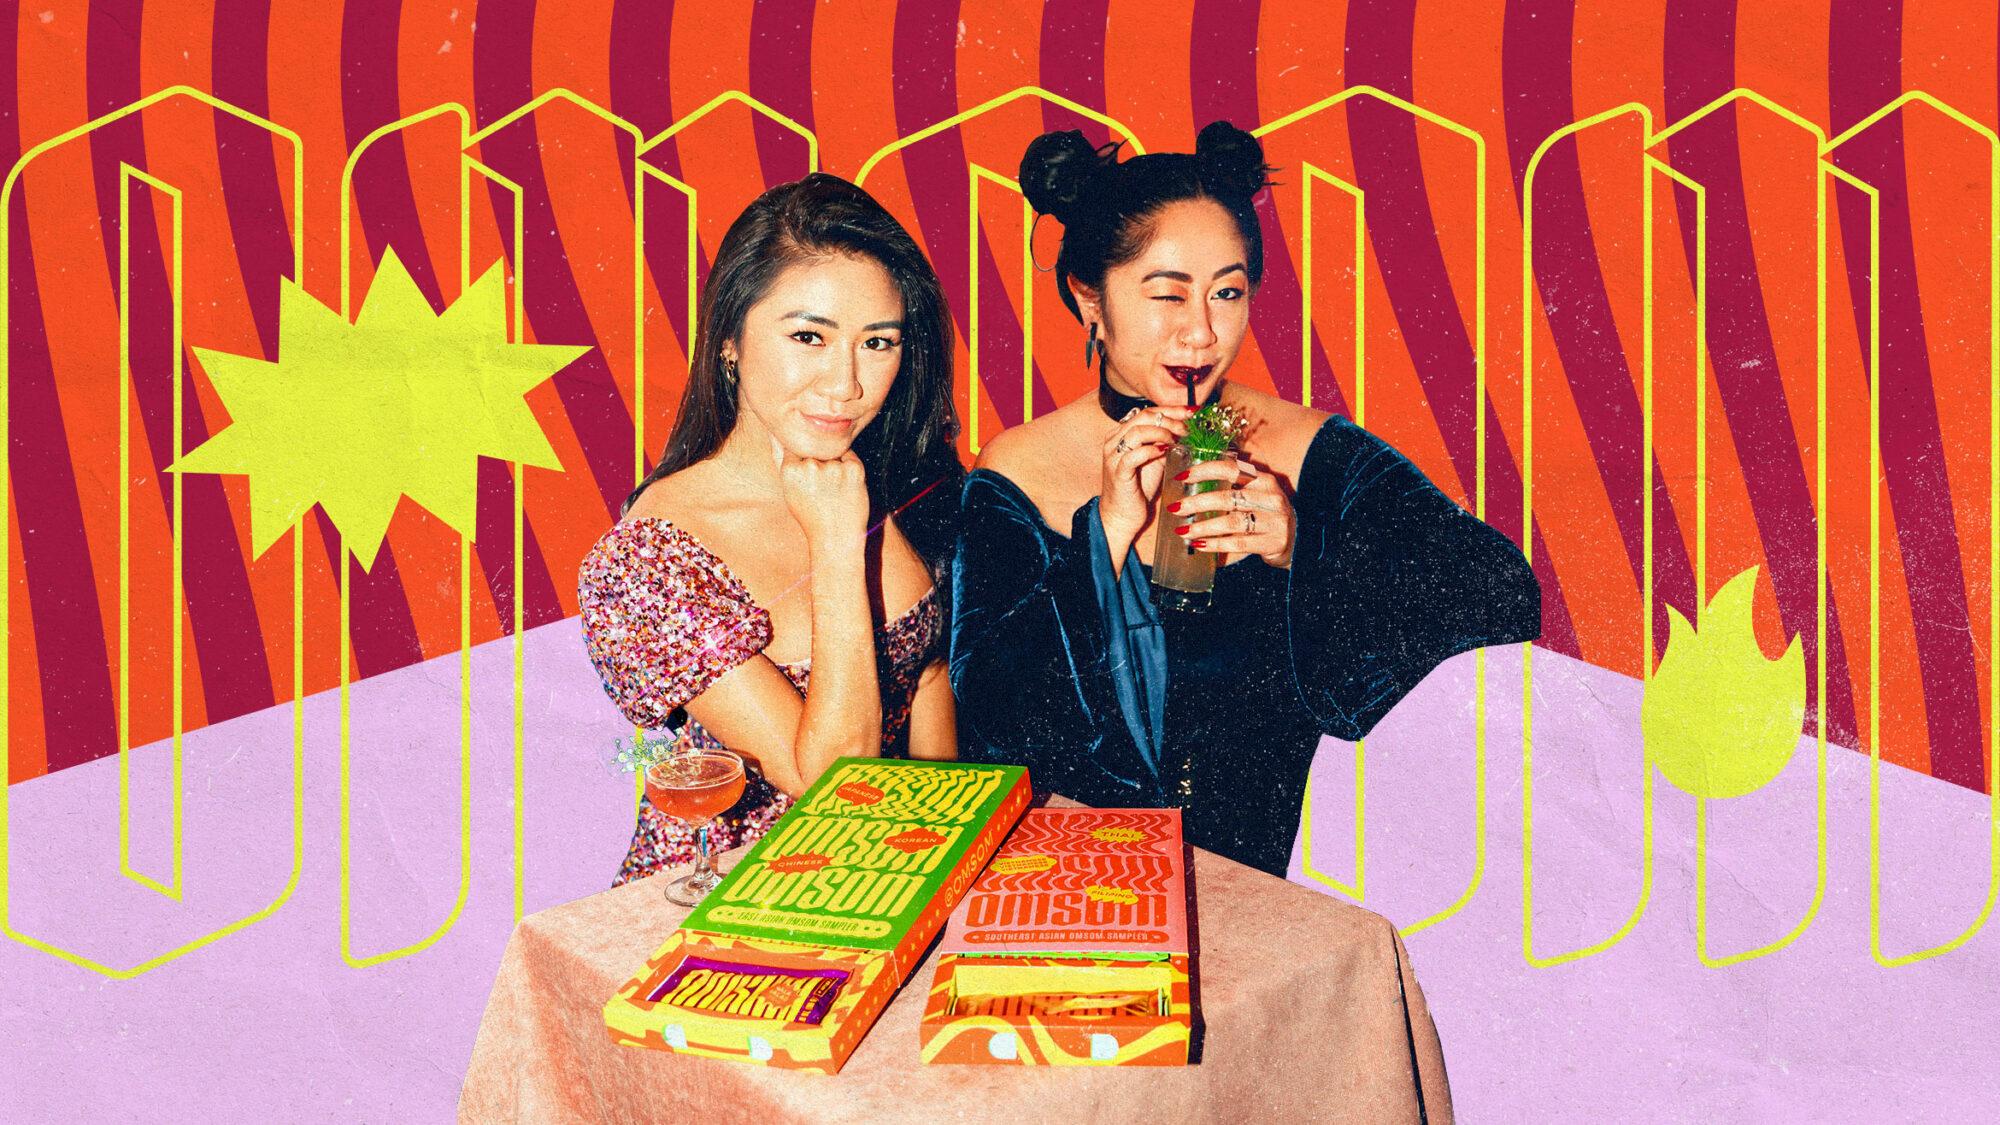 Article-Omsom-Meal-Starter-Sauce-Vanessa-Kim-Pham